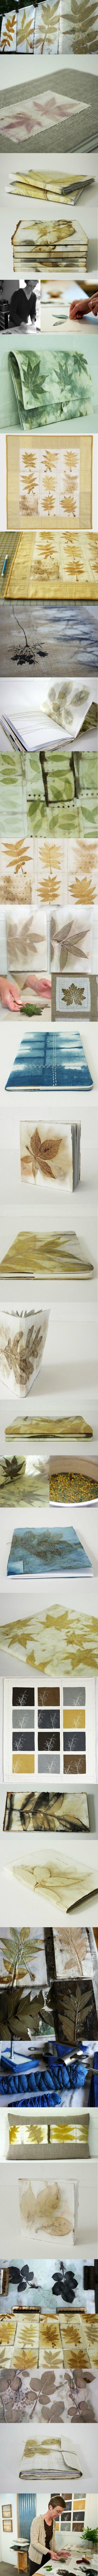 Eco prints.